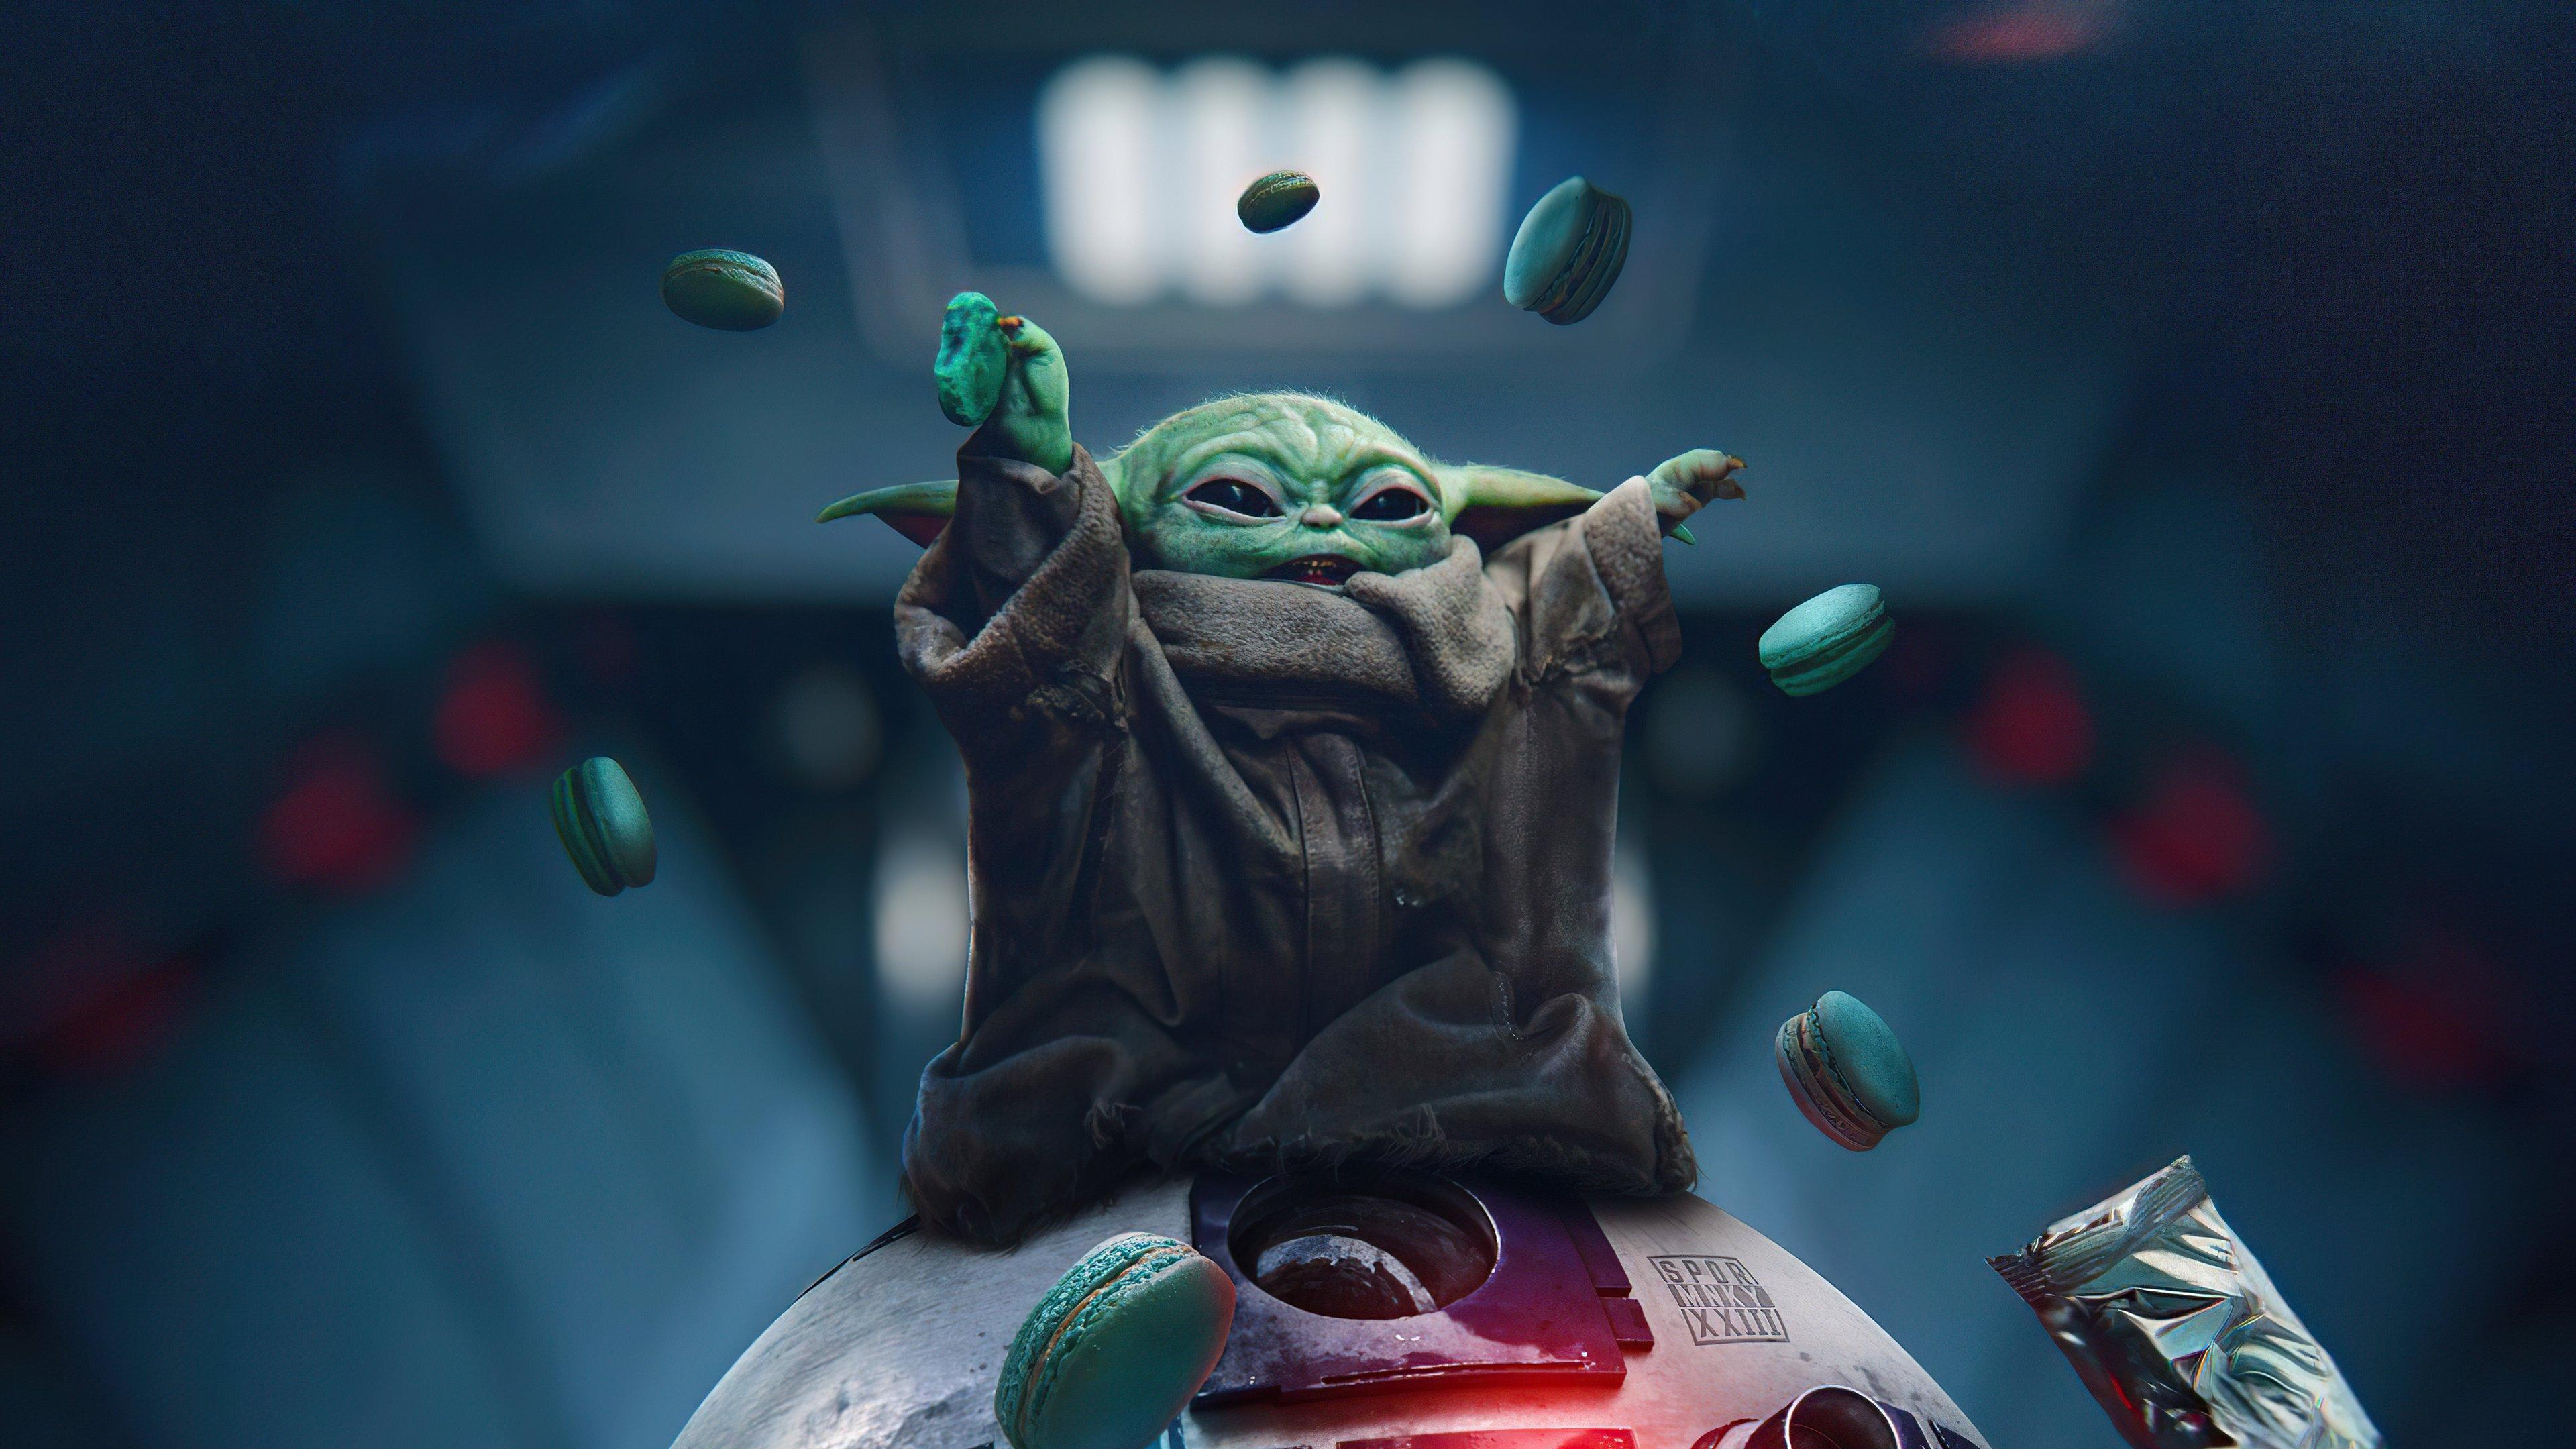 Fondos de pantalla Baby Yoda The Mandalorian